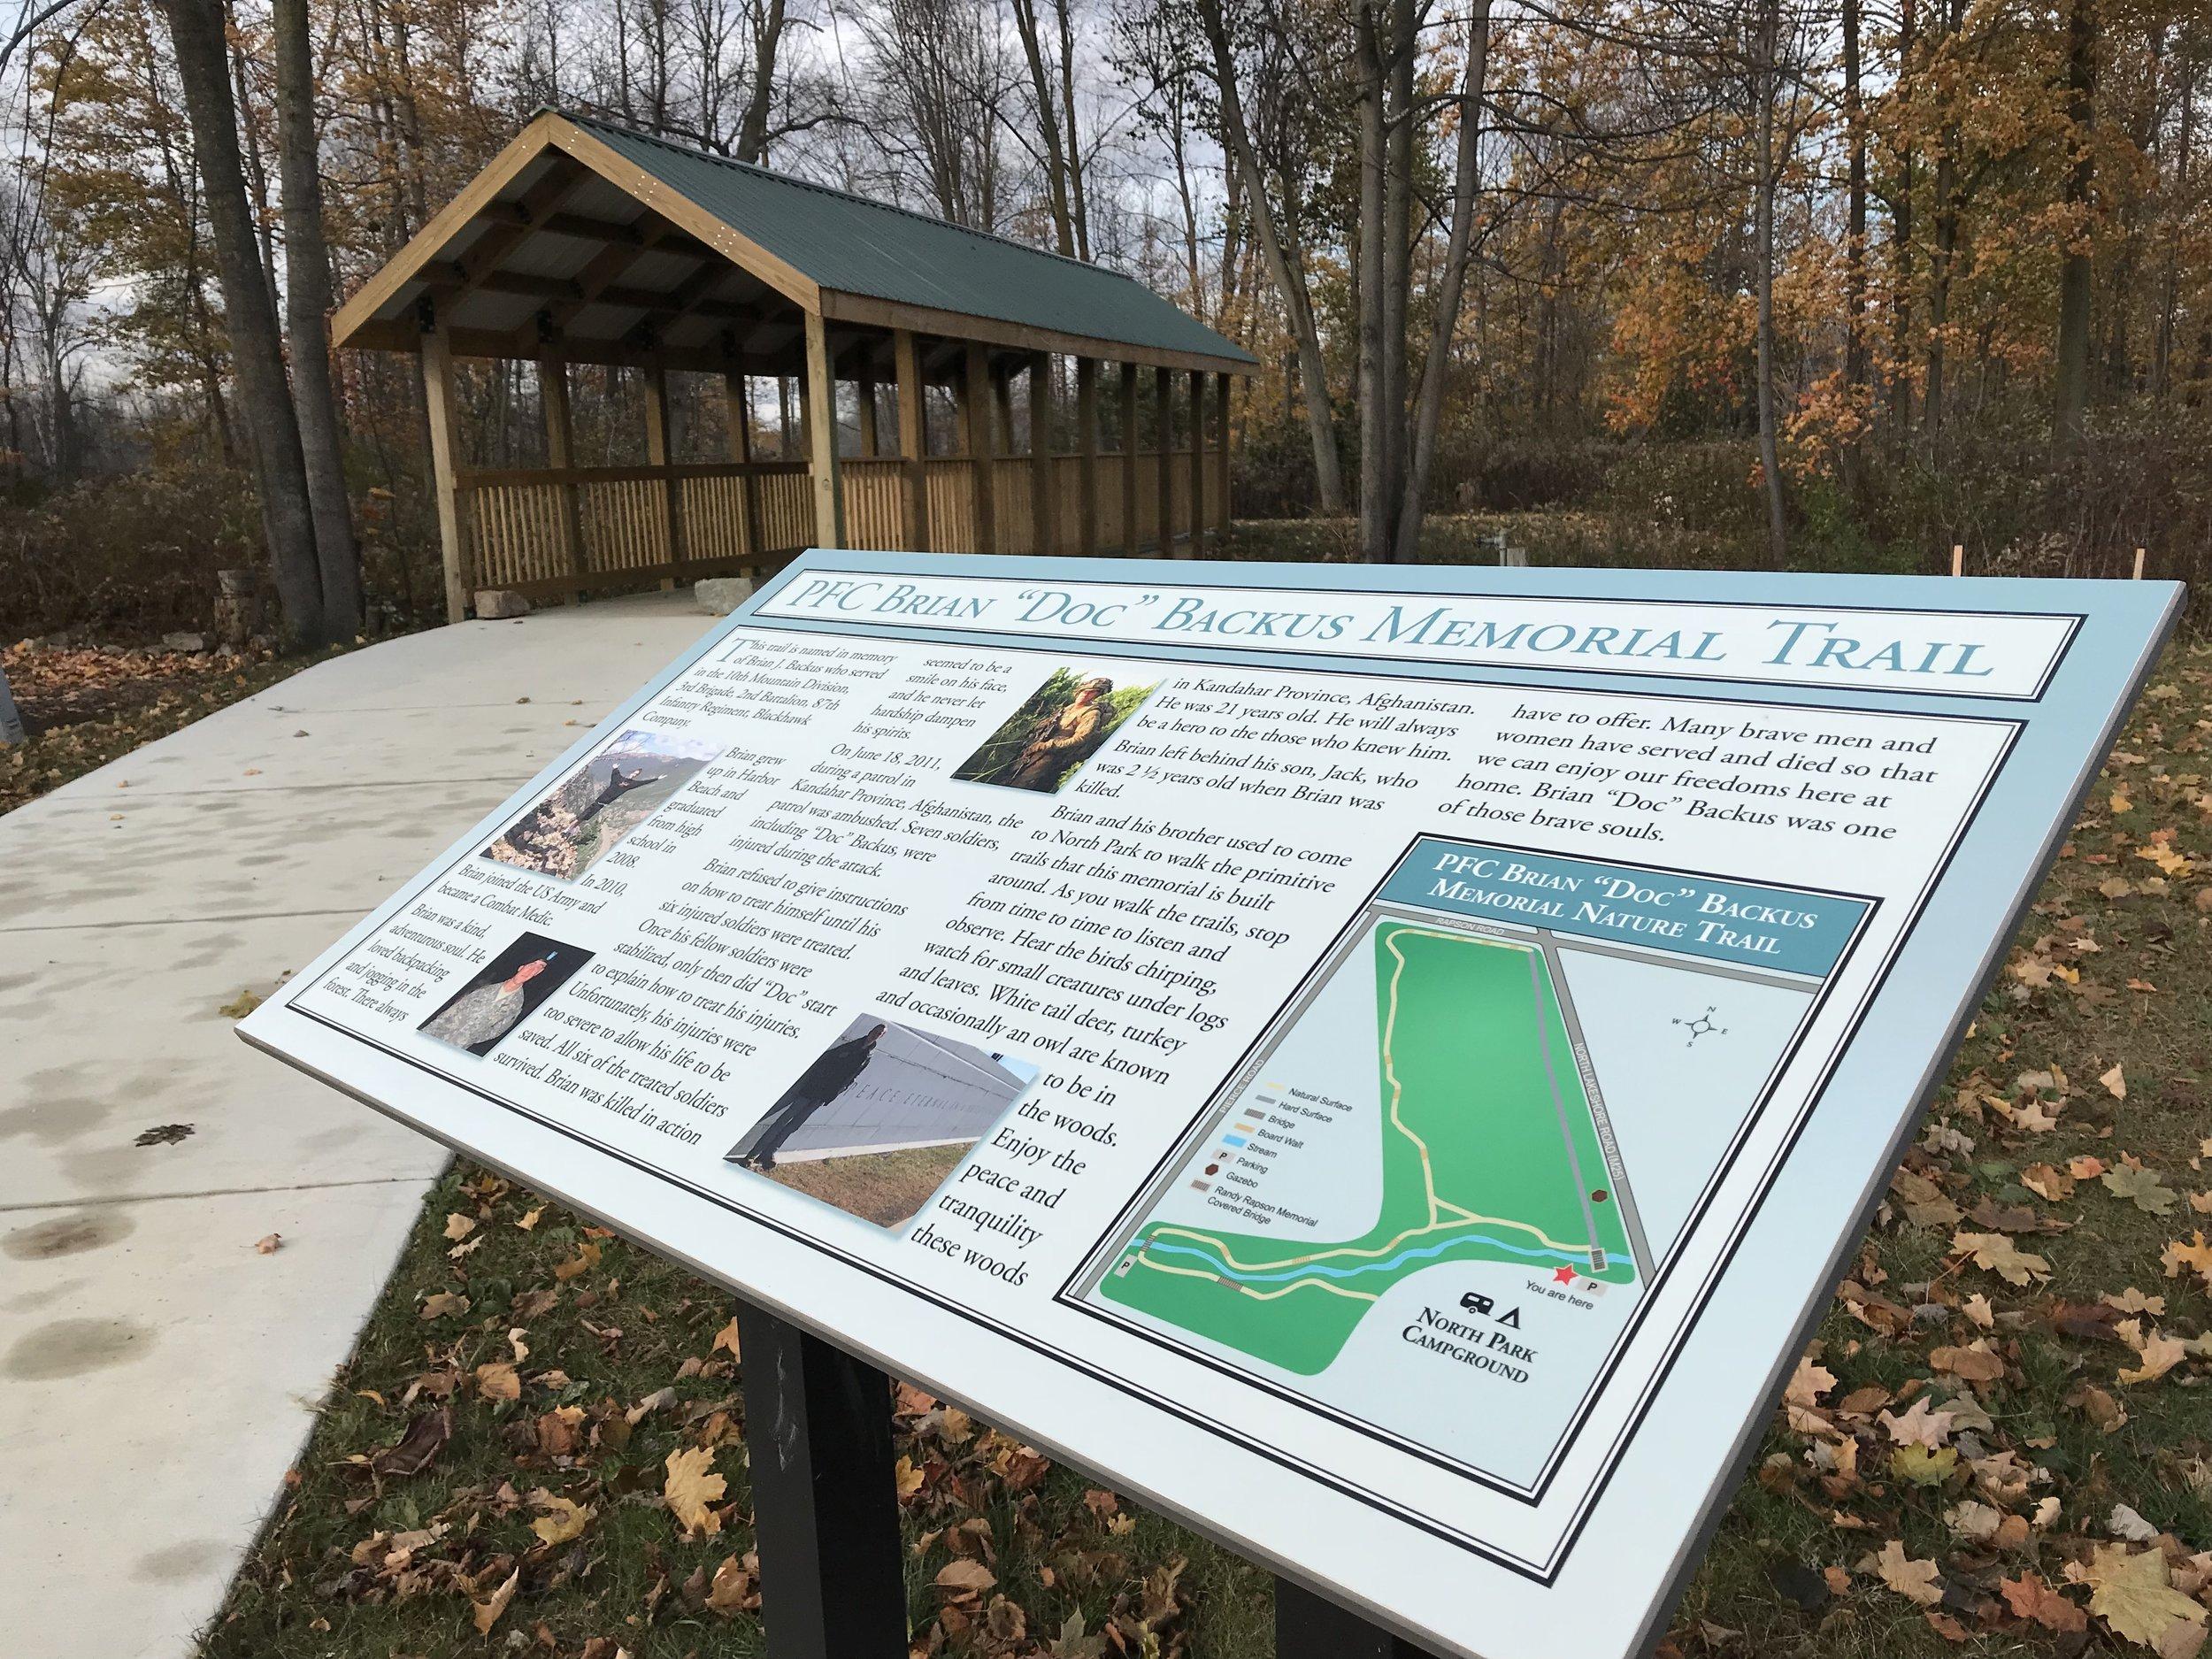 Backus Memorial Trail in Fall